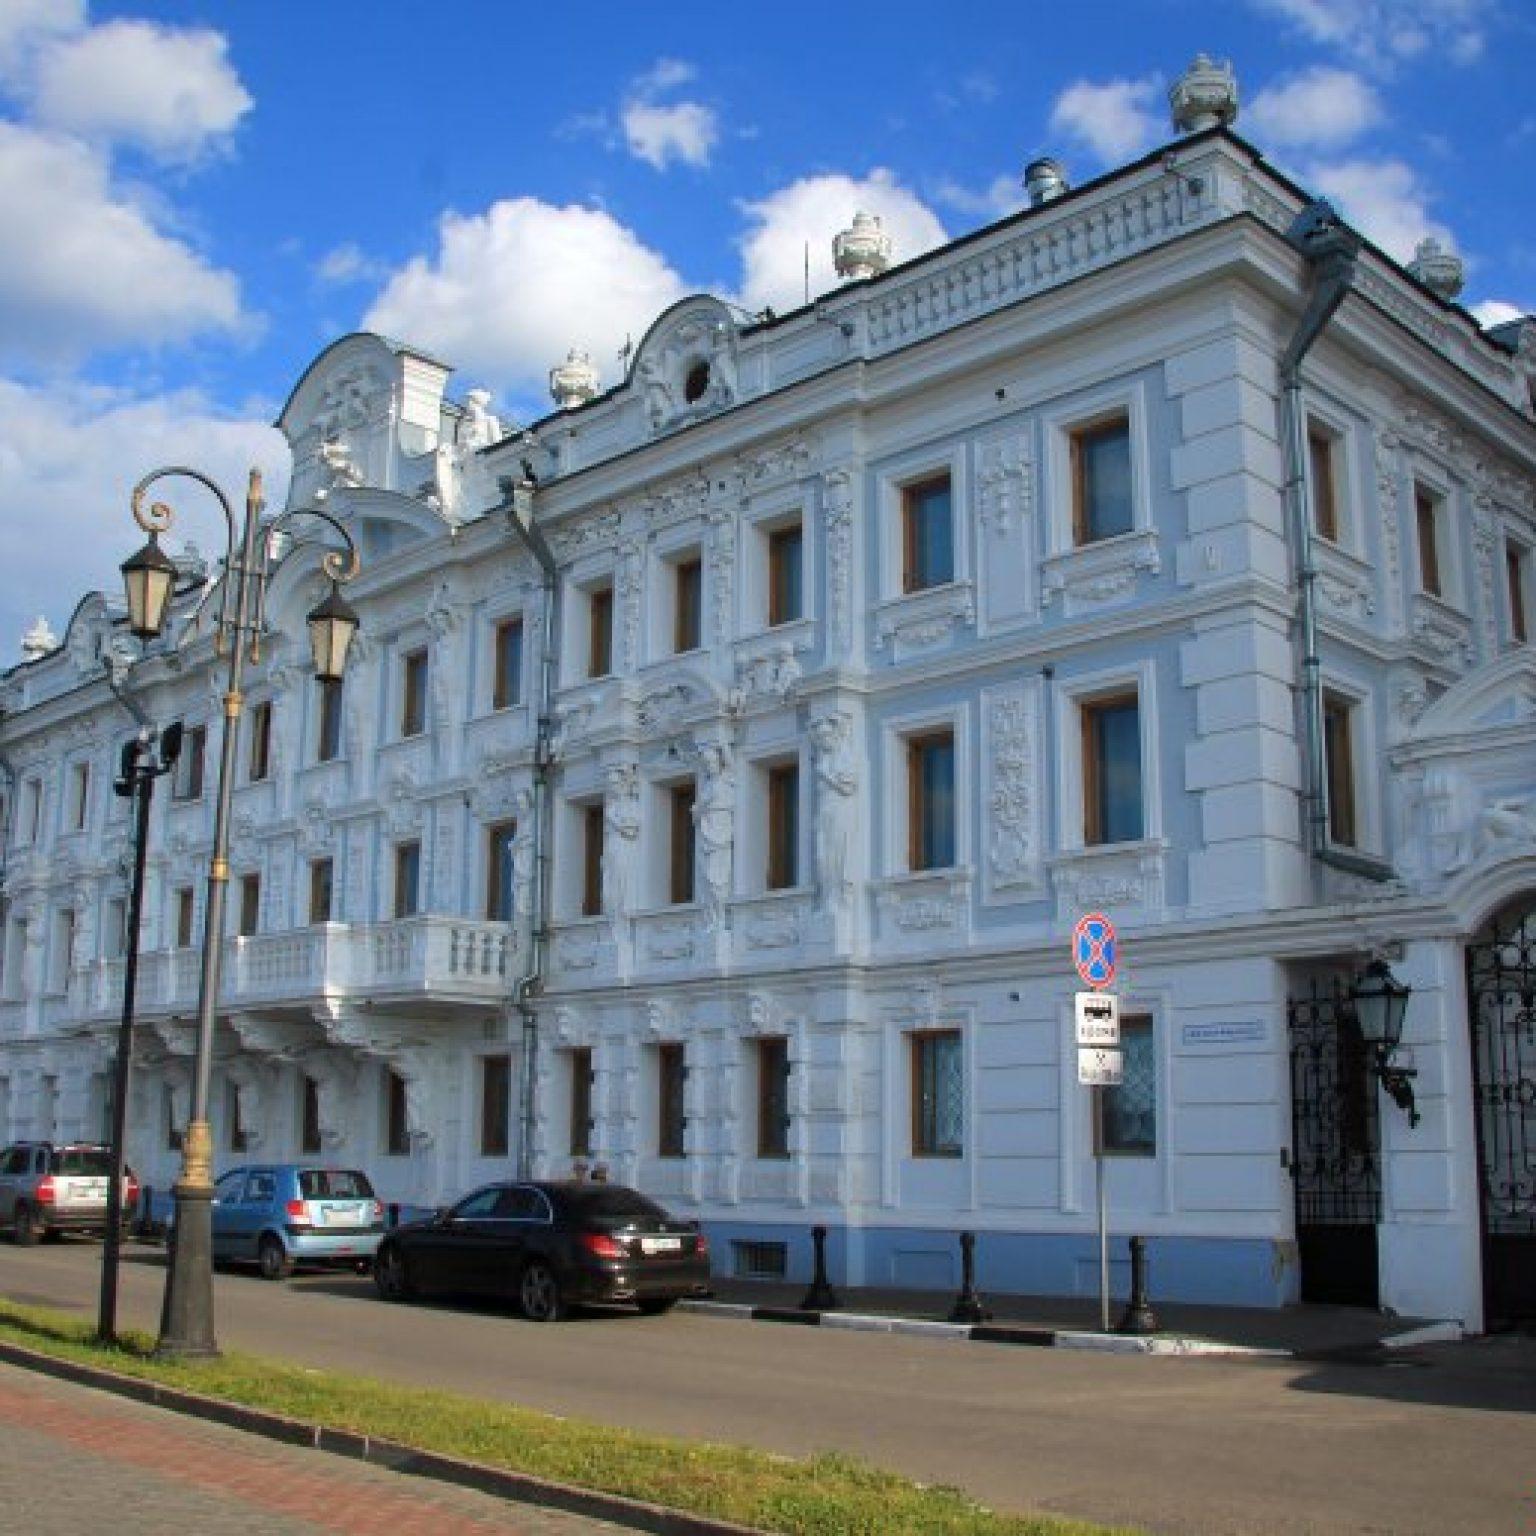 Достопримечательности Нижнего Новгорода: Усадьба Рукавишниковых